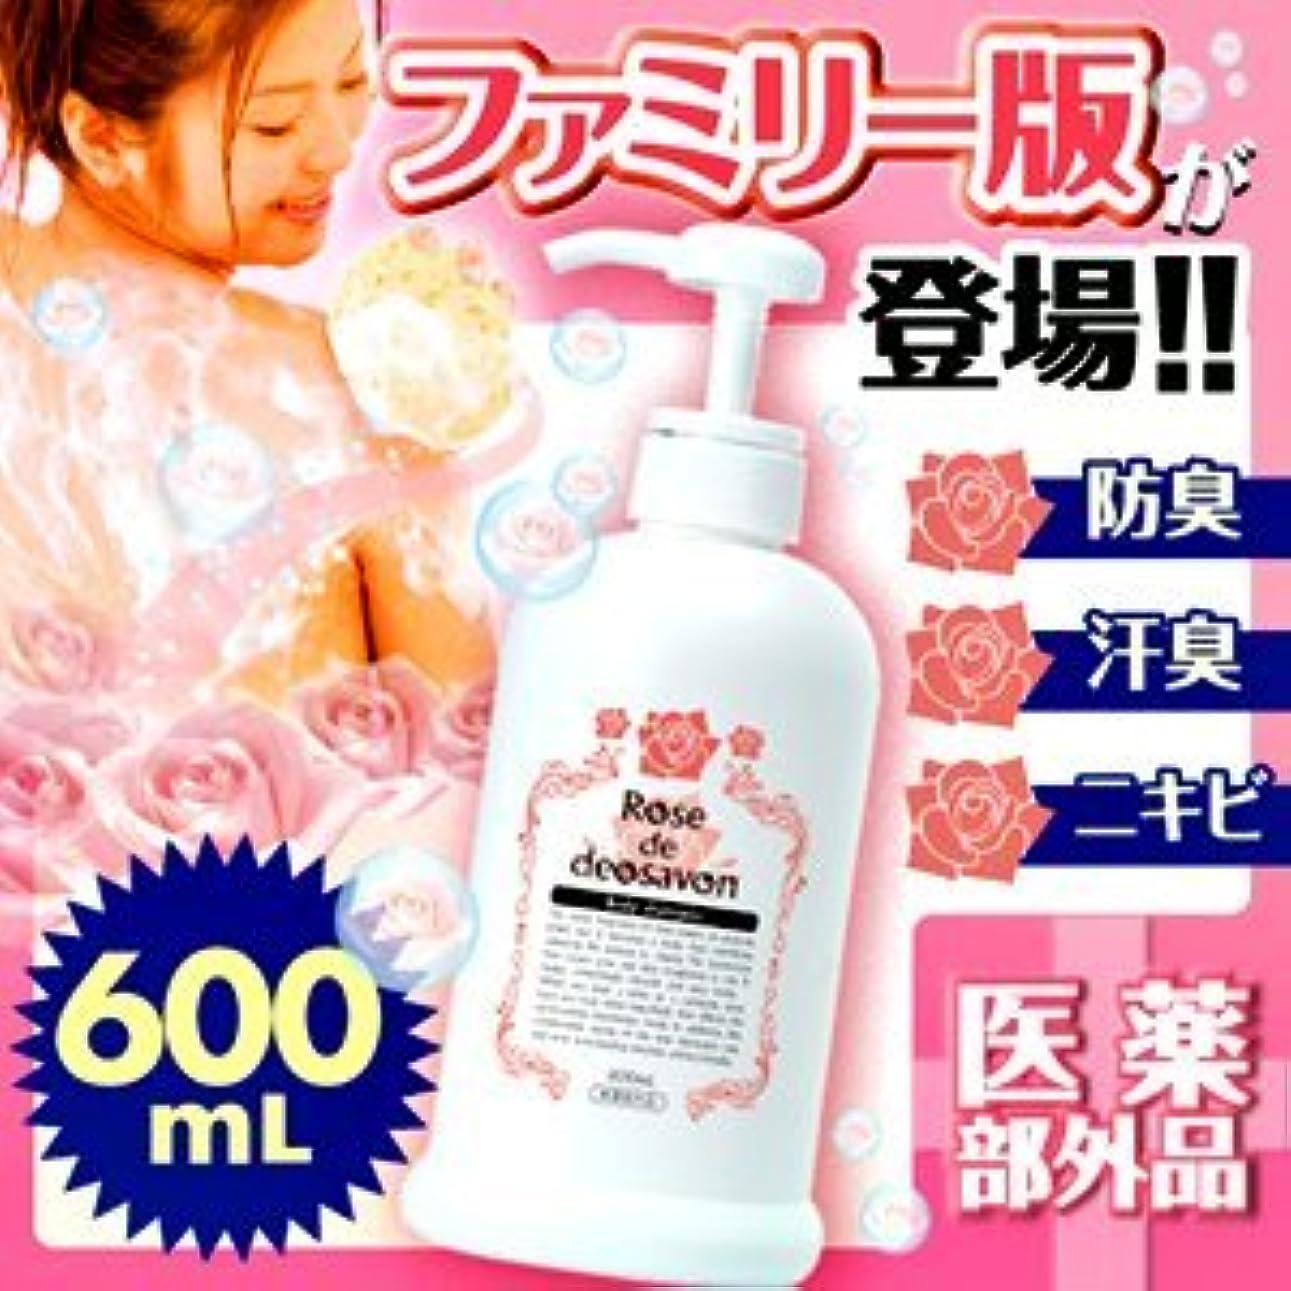 受けるギャザー毎年バラの香りの薬用デオドラントボディーソープ『ローズドデオシャボン増量』